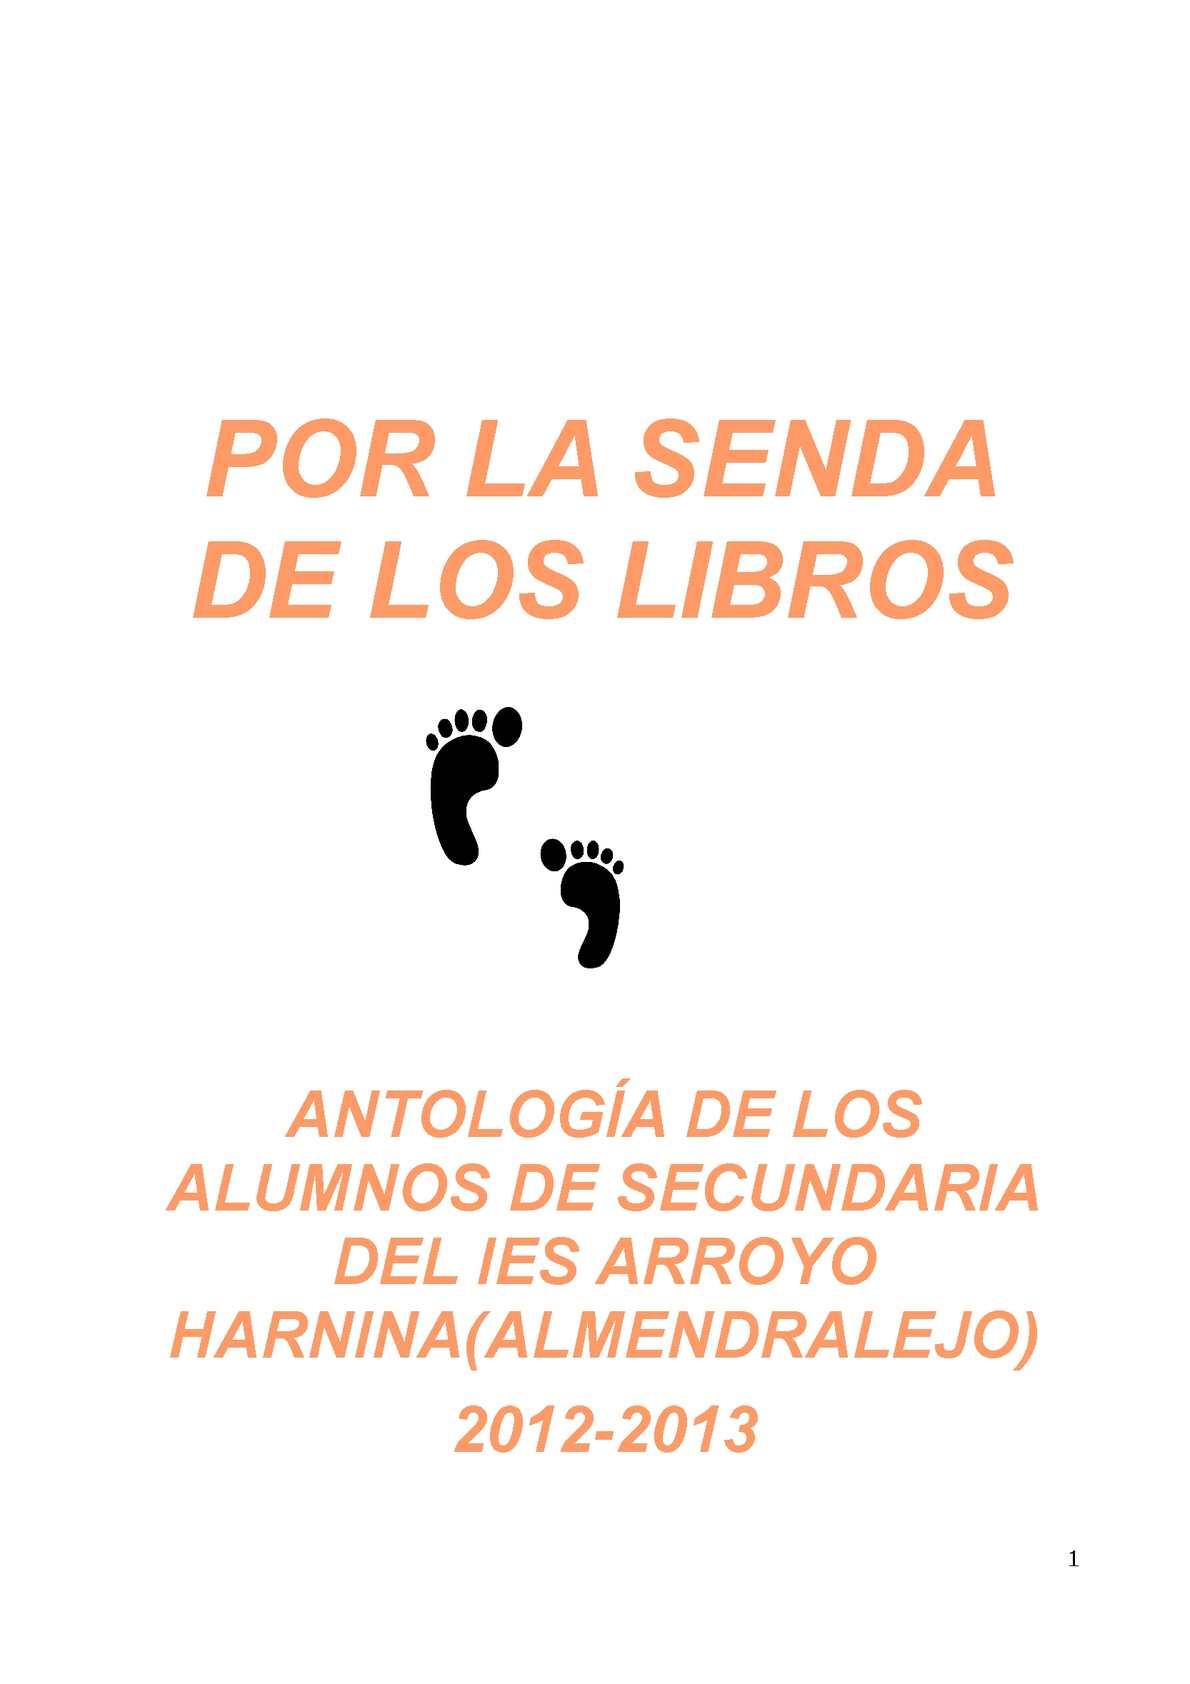 Calaméo - TRAS LAS SENDAS DE LOS LIBROS 2